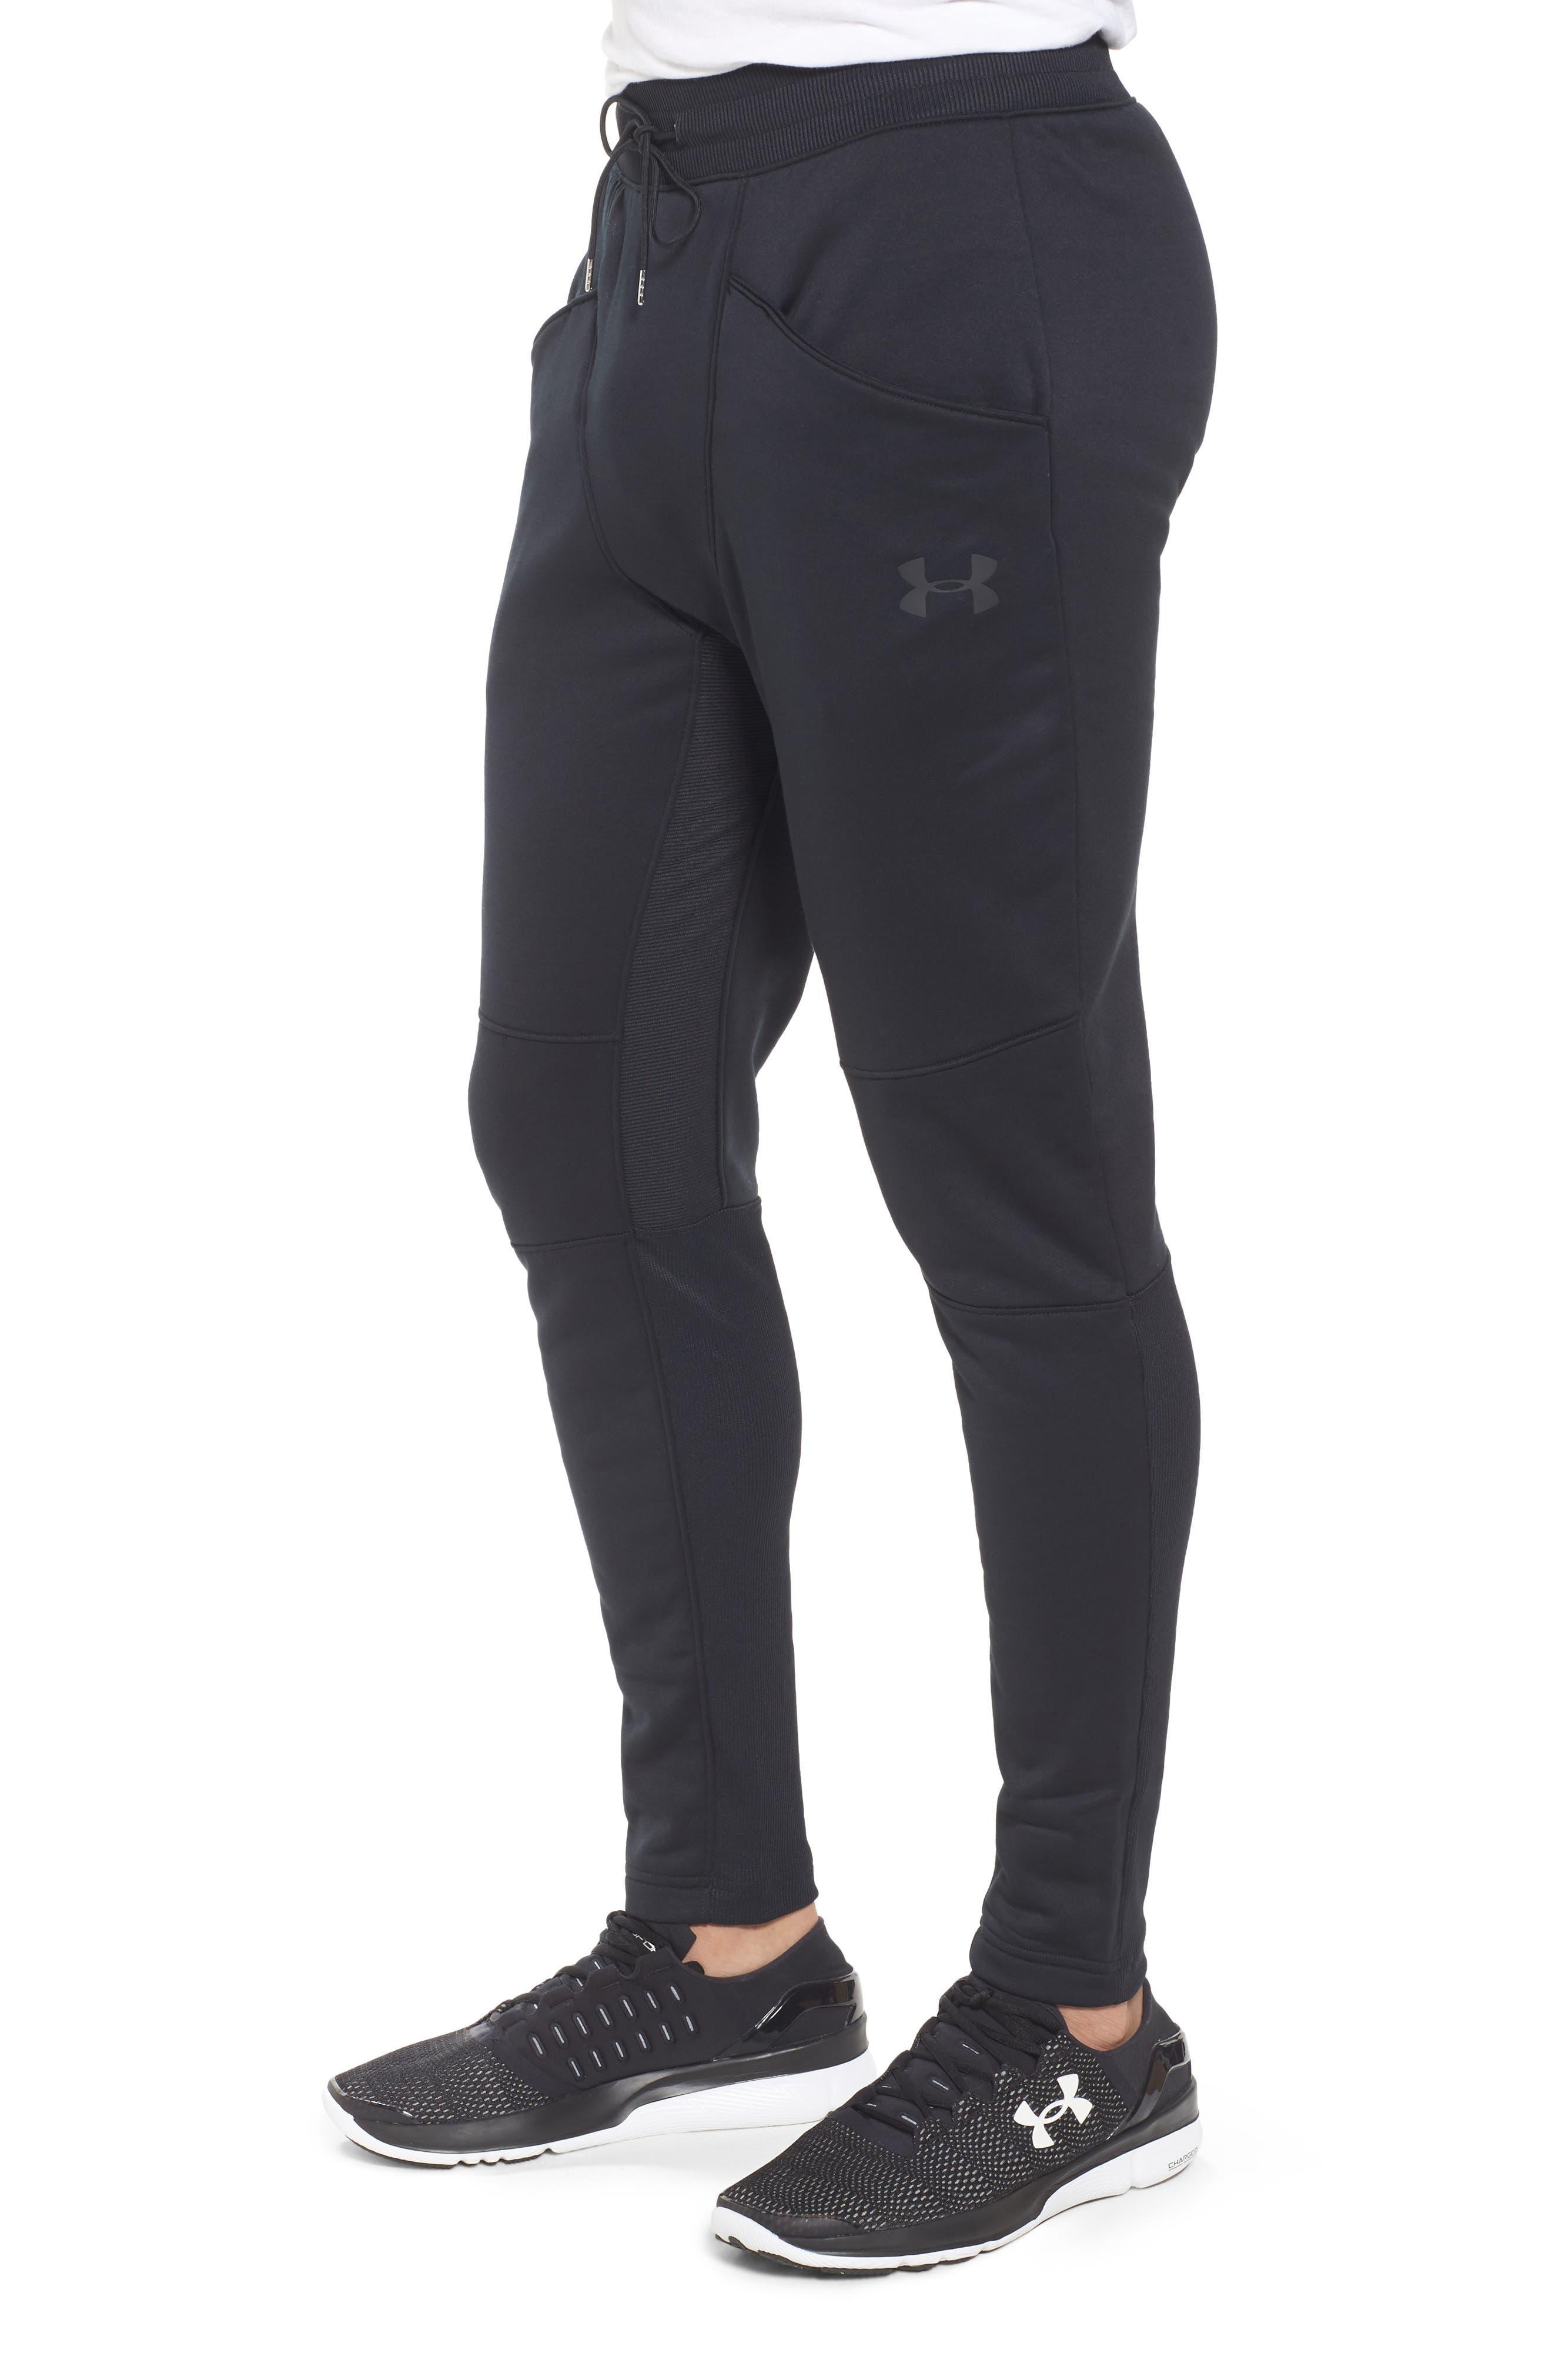 Courtside Training Pants,                             Alternate thumbnail 3, color,                             Black / Black / Black